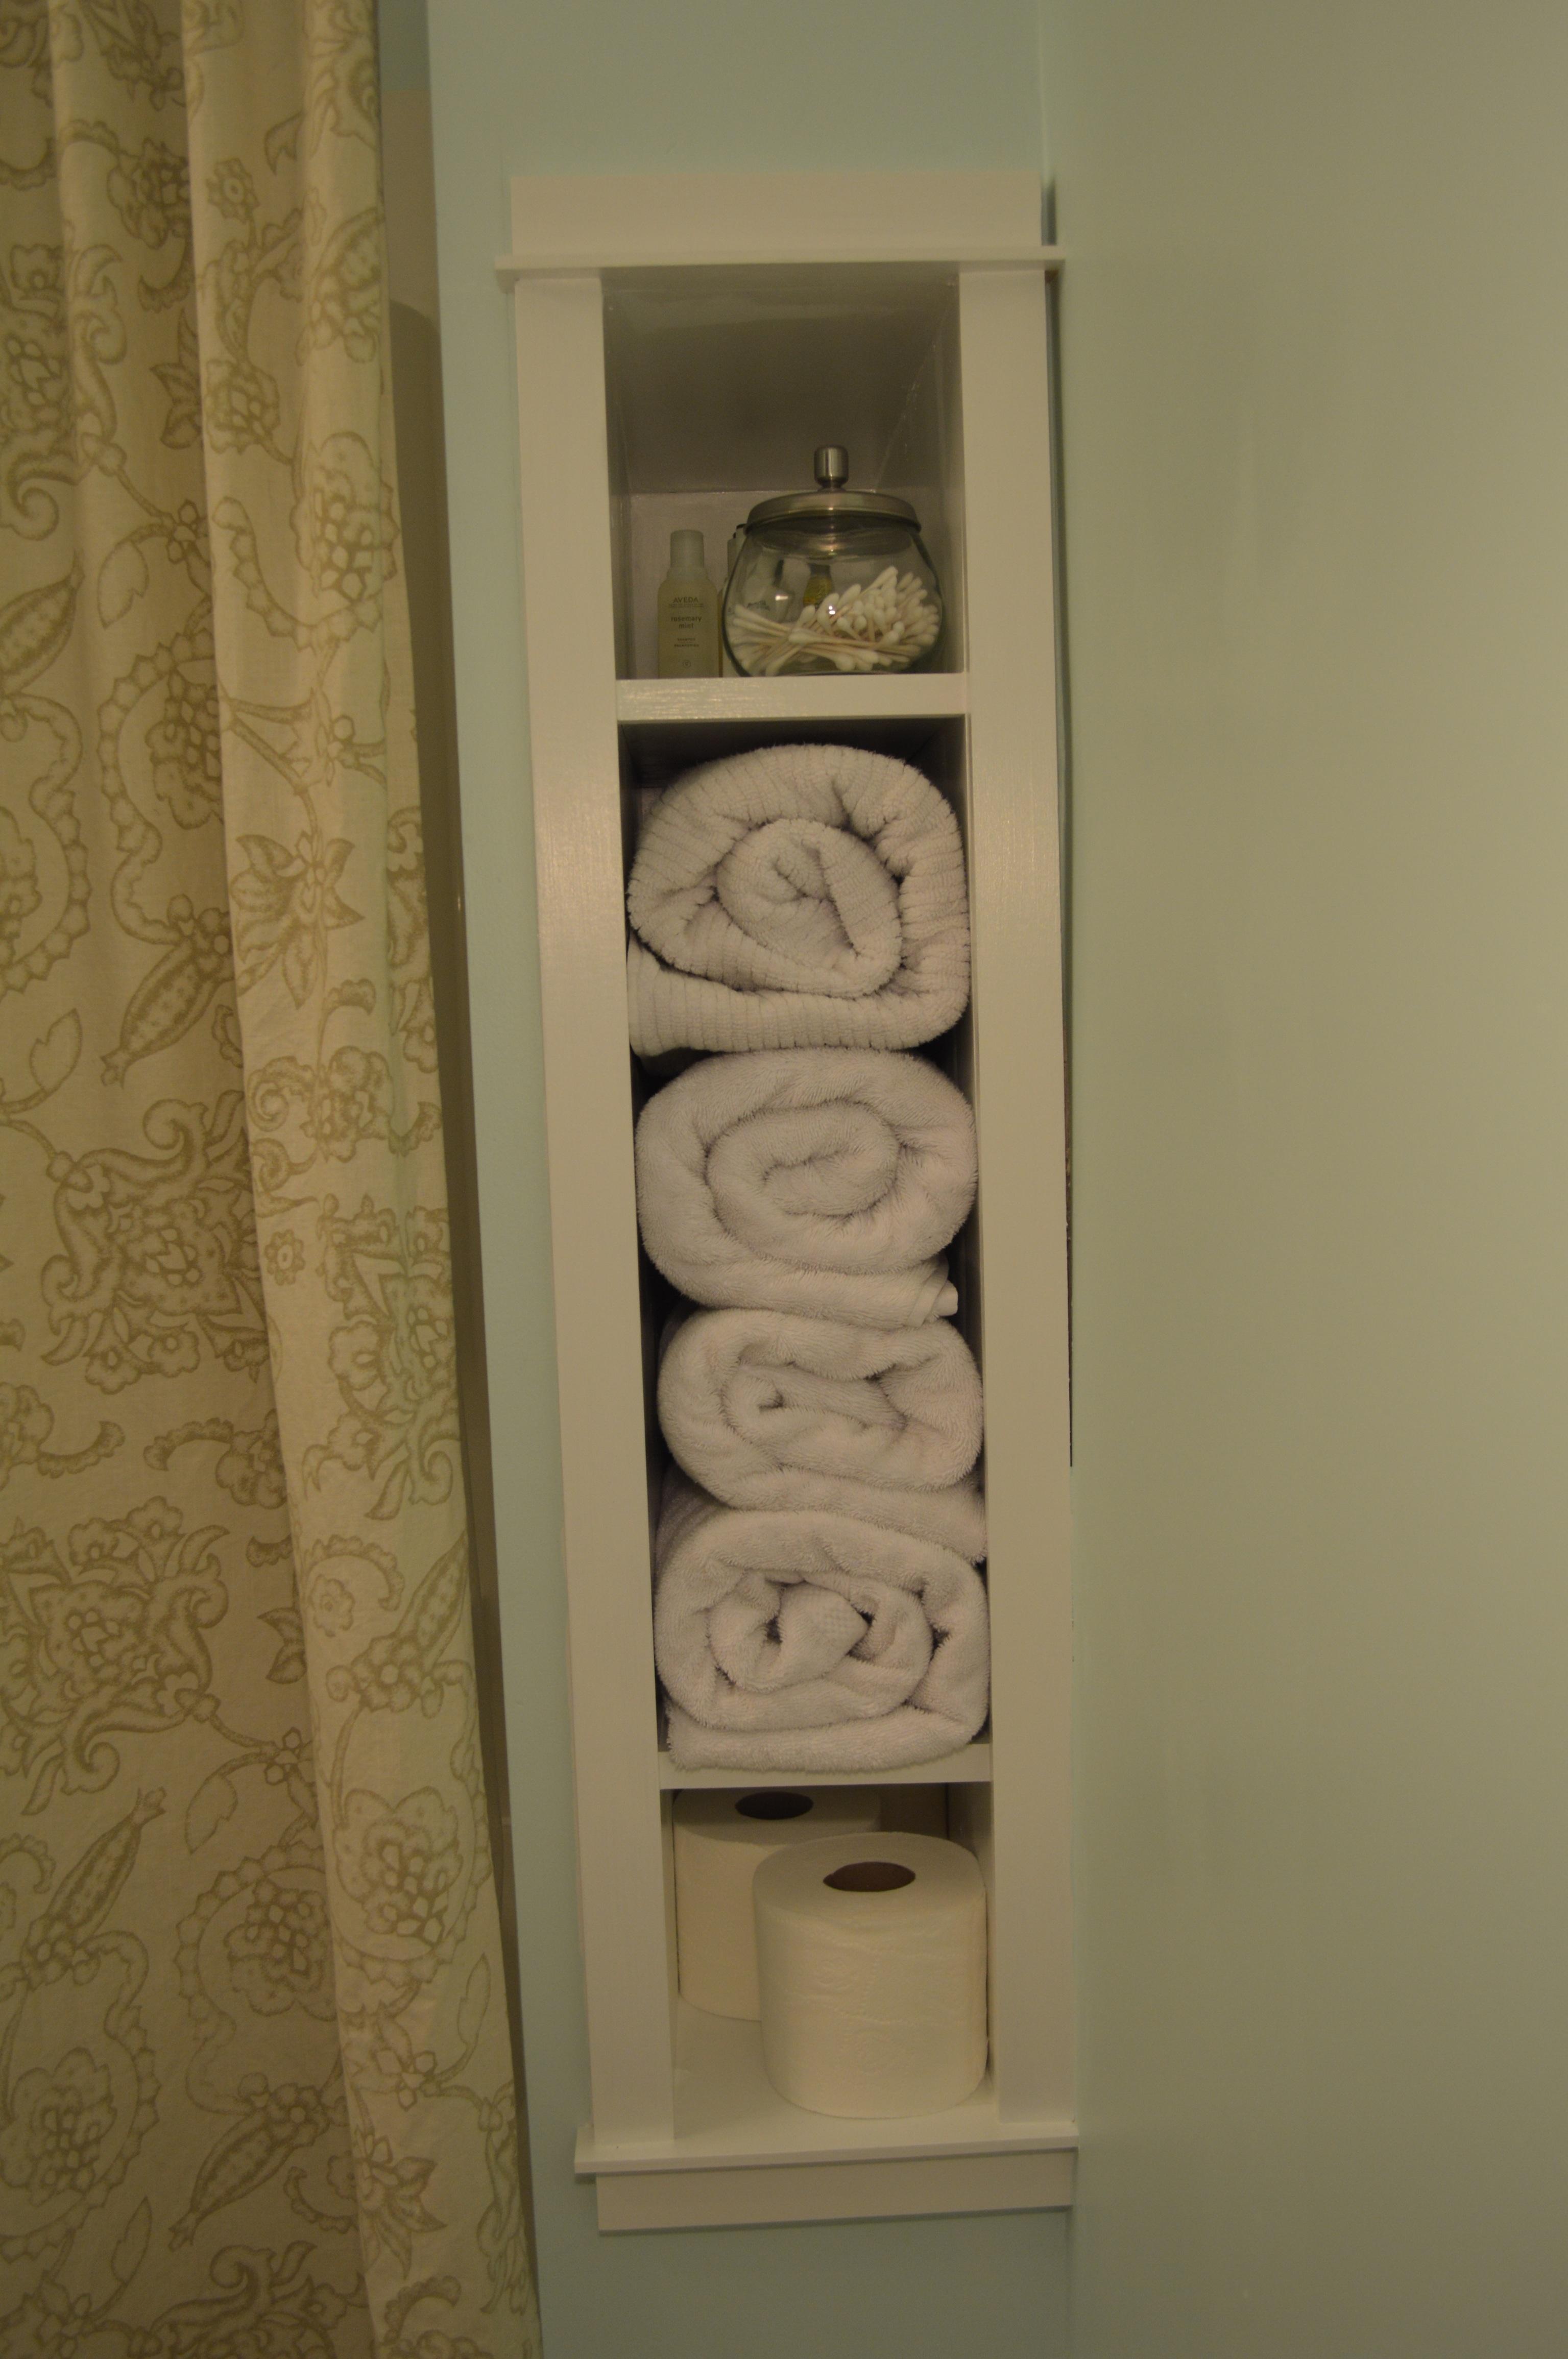 Recessed Shelves Bathroom Image36jpg